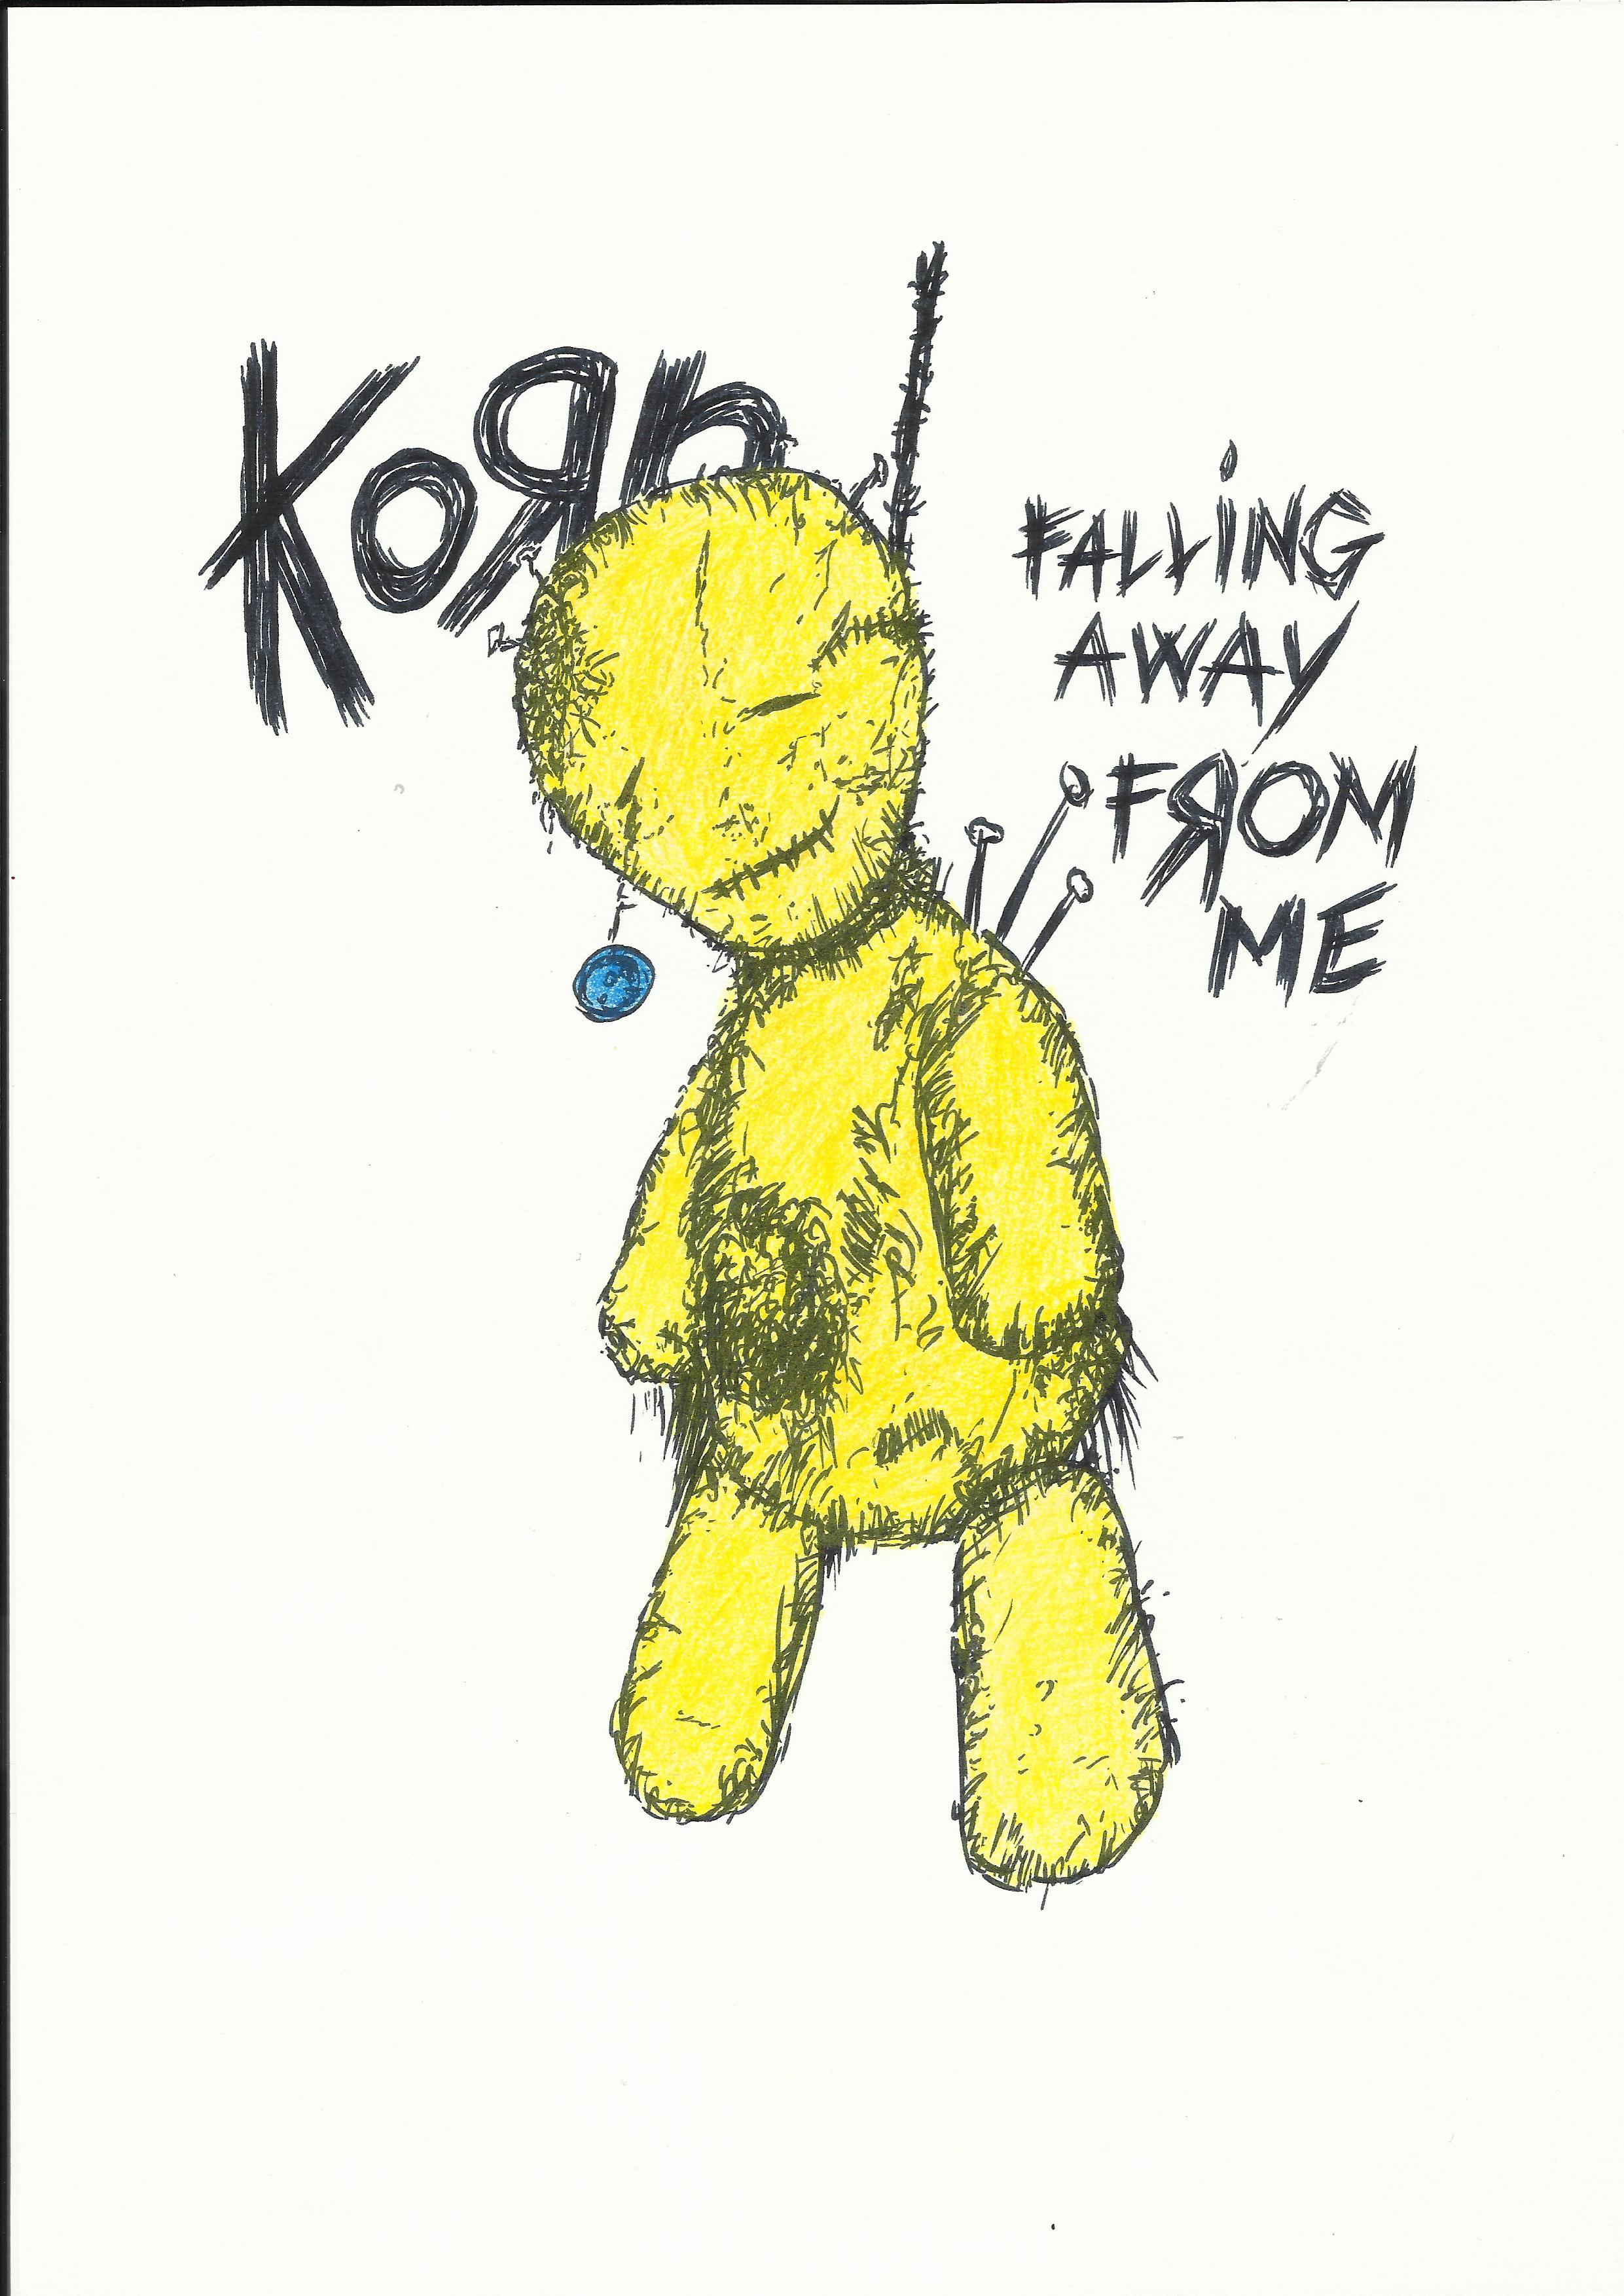 Drawn korn cute cartoon 10 Oct Drawing Korn Issues